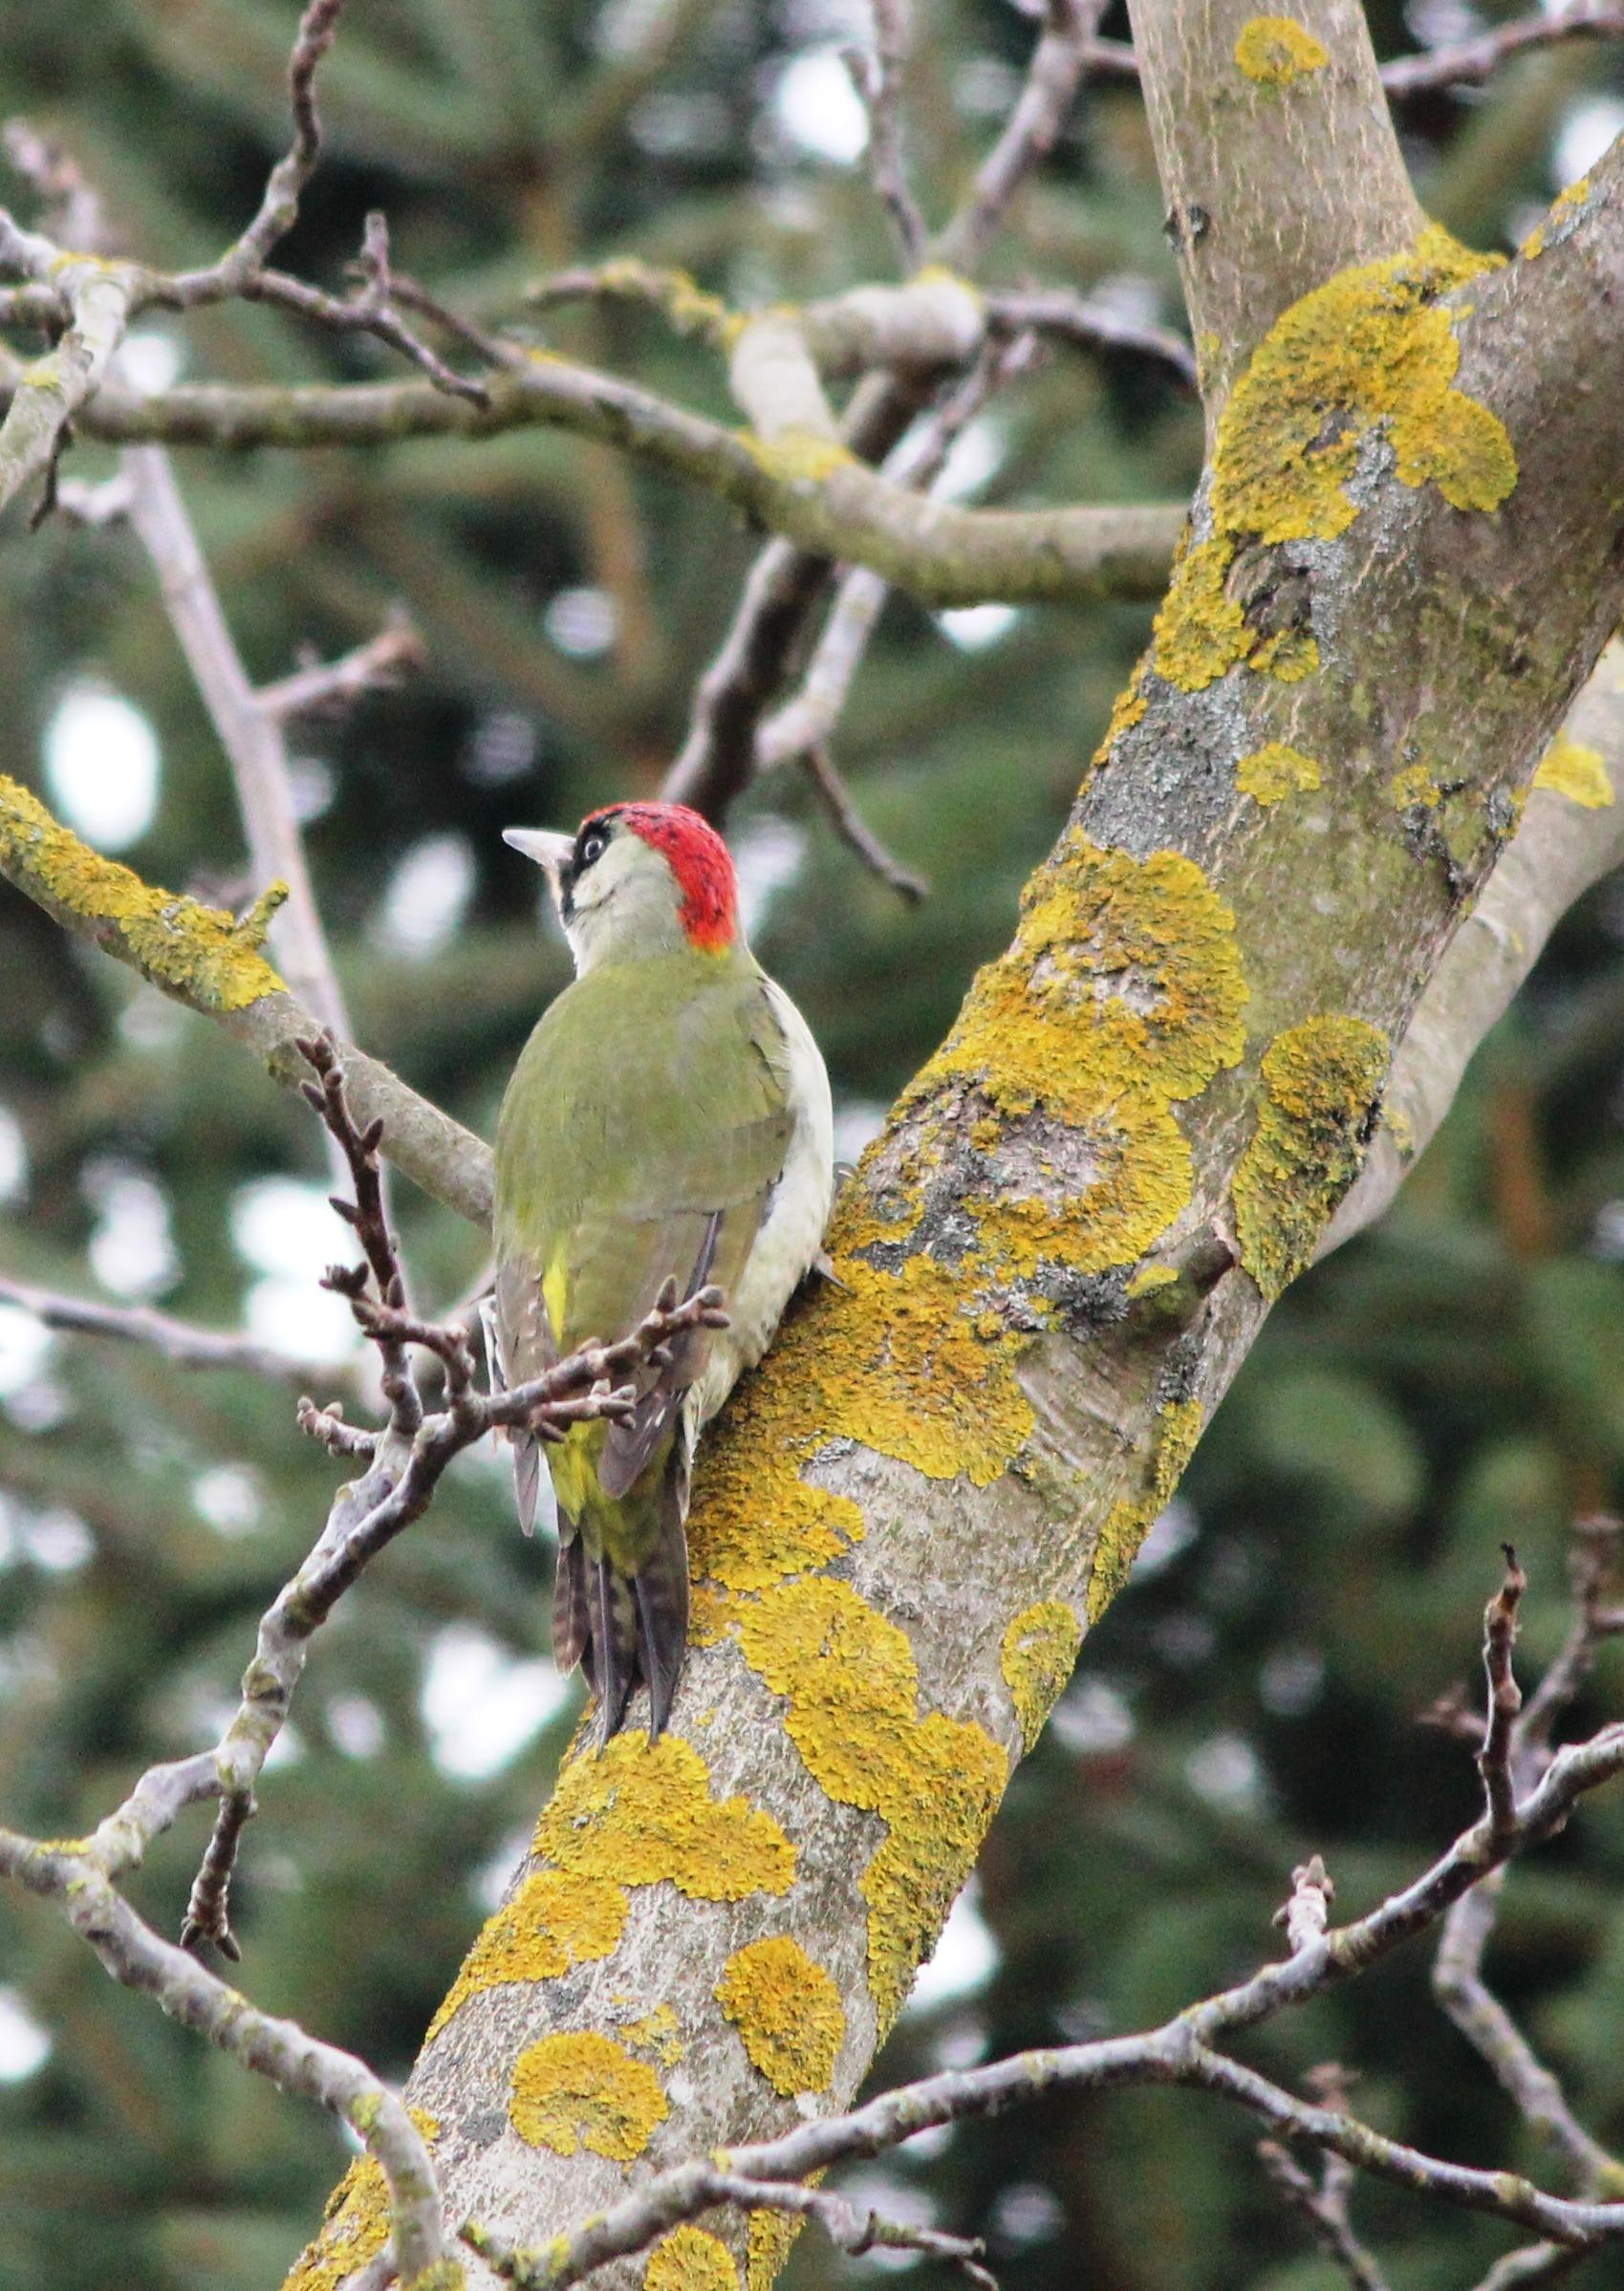 green-woodpecker-92610.jpg